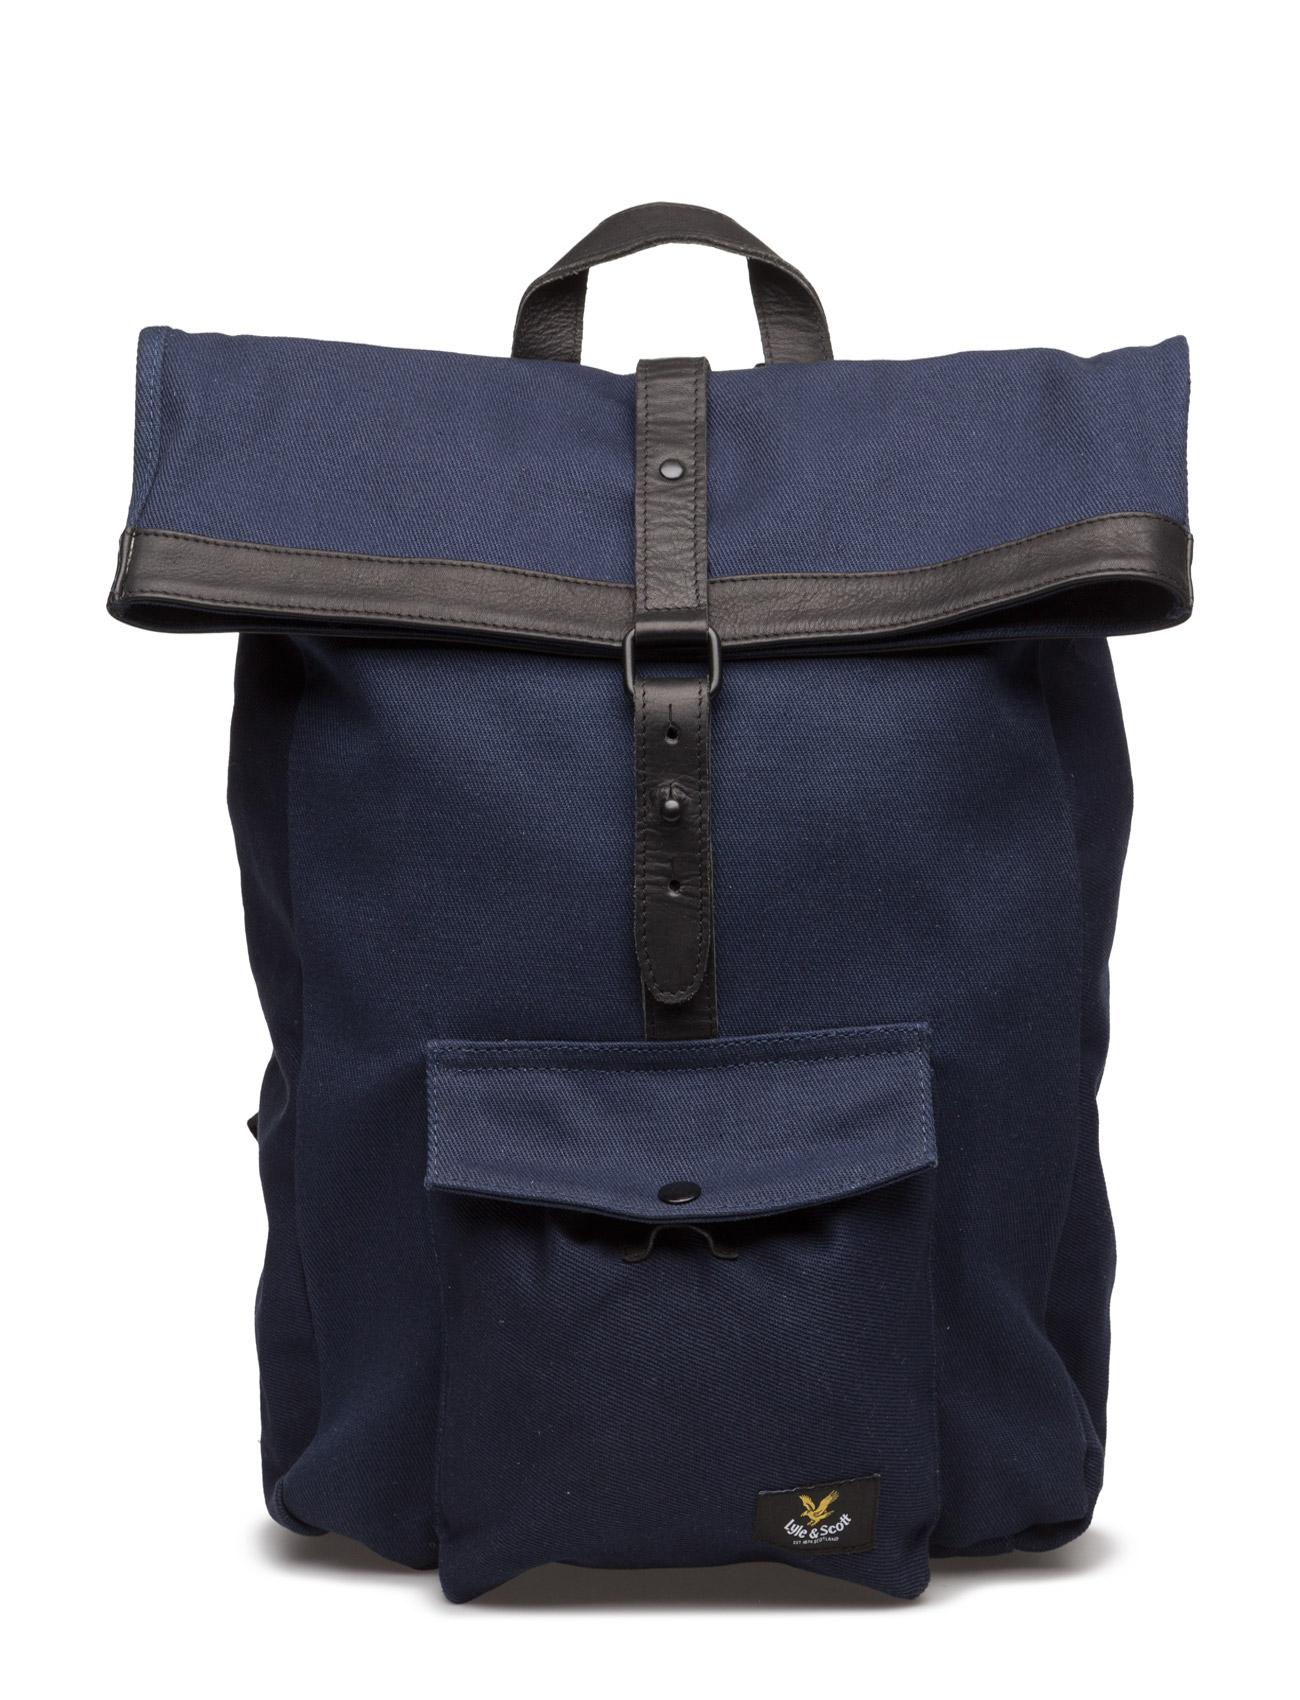 Roll Top Backpack Lyle & Scott Tasker til Mænd i Navy blå